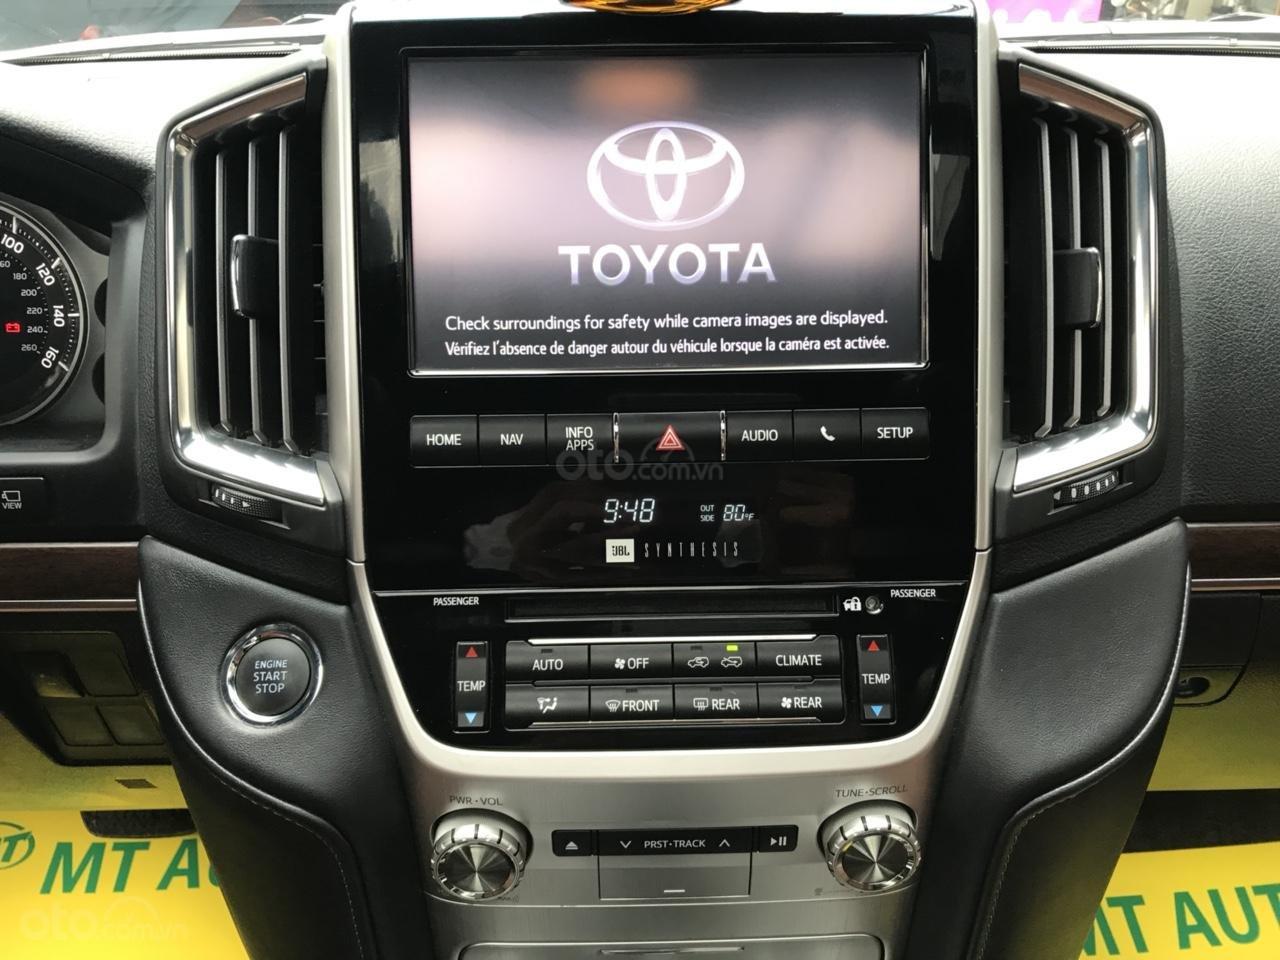 MT Auto bán Toyota Land Cruiser V8 5.7 SX 2016, xe mới 100% màu đen, xe nhập Mỹ nguyên chiếc - LH em Hương 0945392468-9